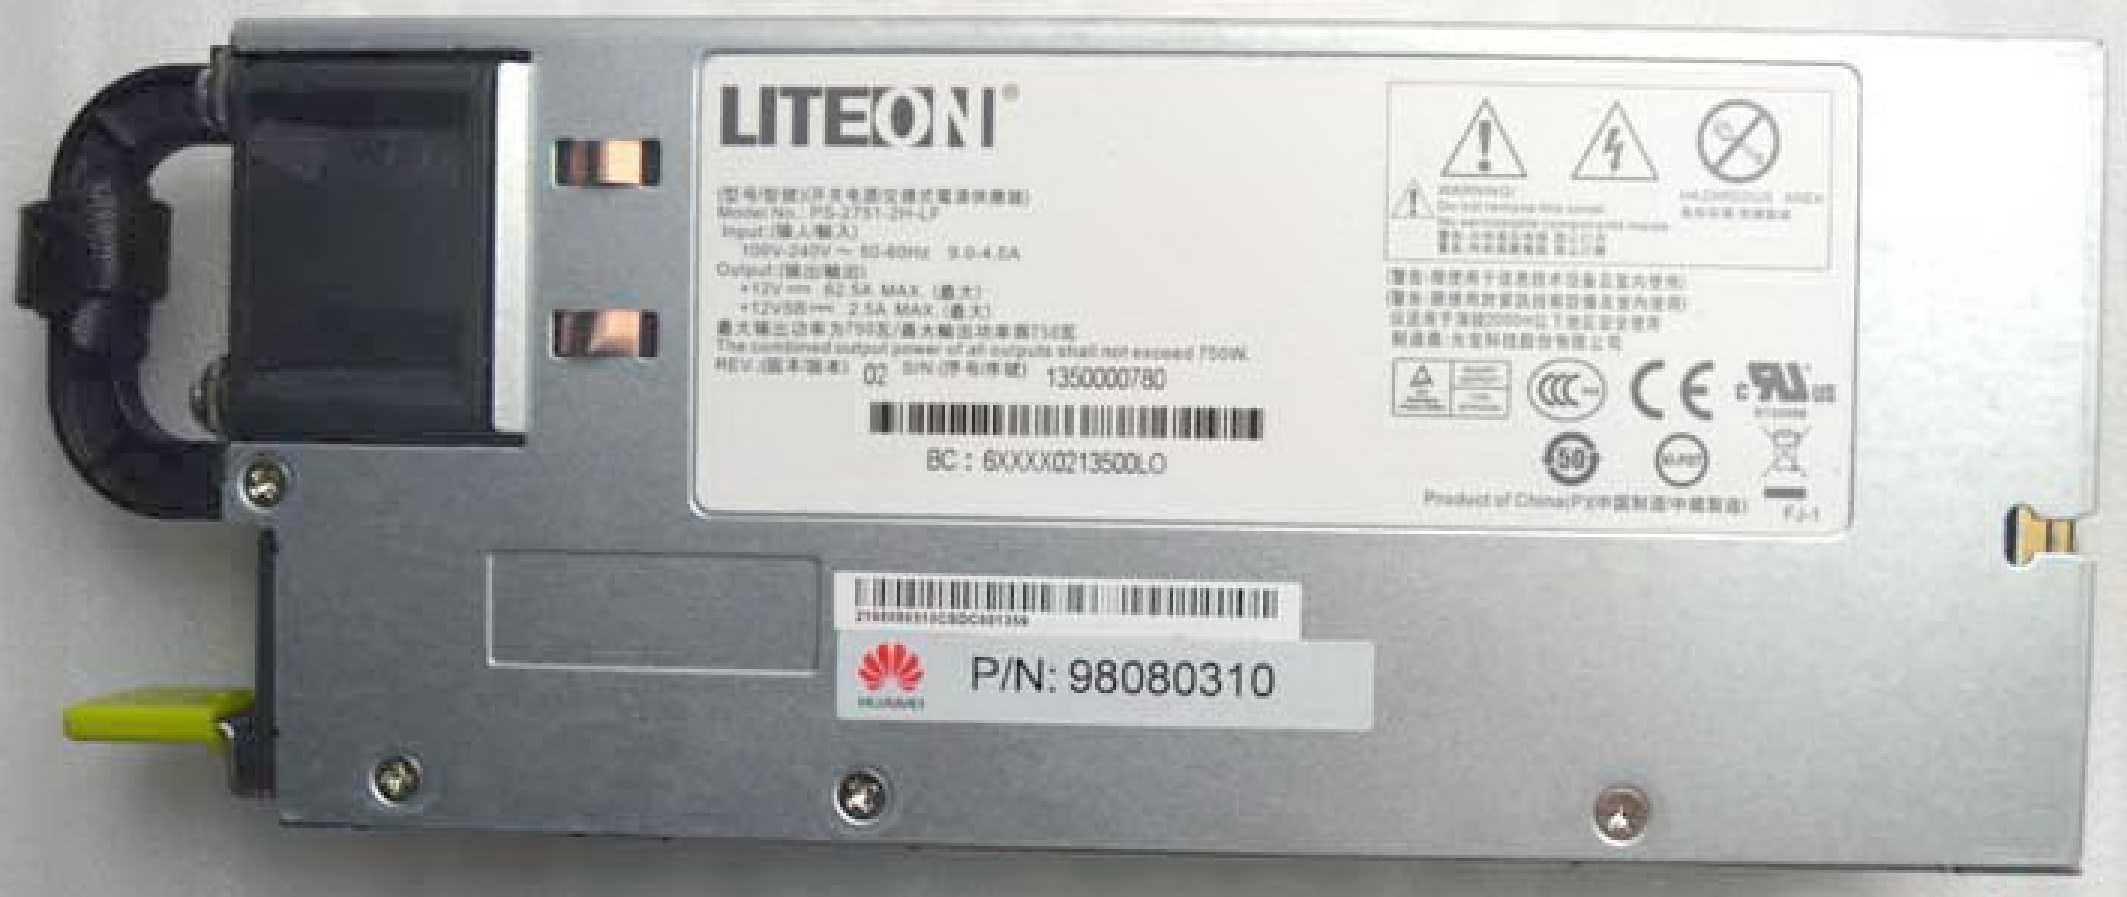 LITEON  PS-2751-2H-LF  750W 光宝开关电源,交换式电源供应器,热插拔电源模块,冗余电源模块 R520G7联想服务器电源模块98080310  RH1285  RH1288V2  RH2288H RH2285V2华为服务器电源模块批发